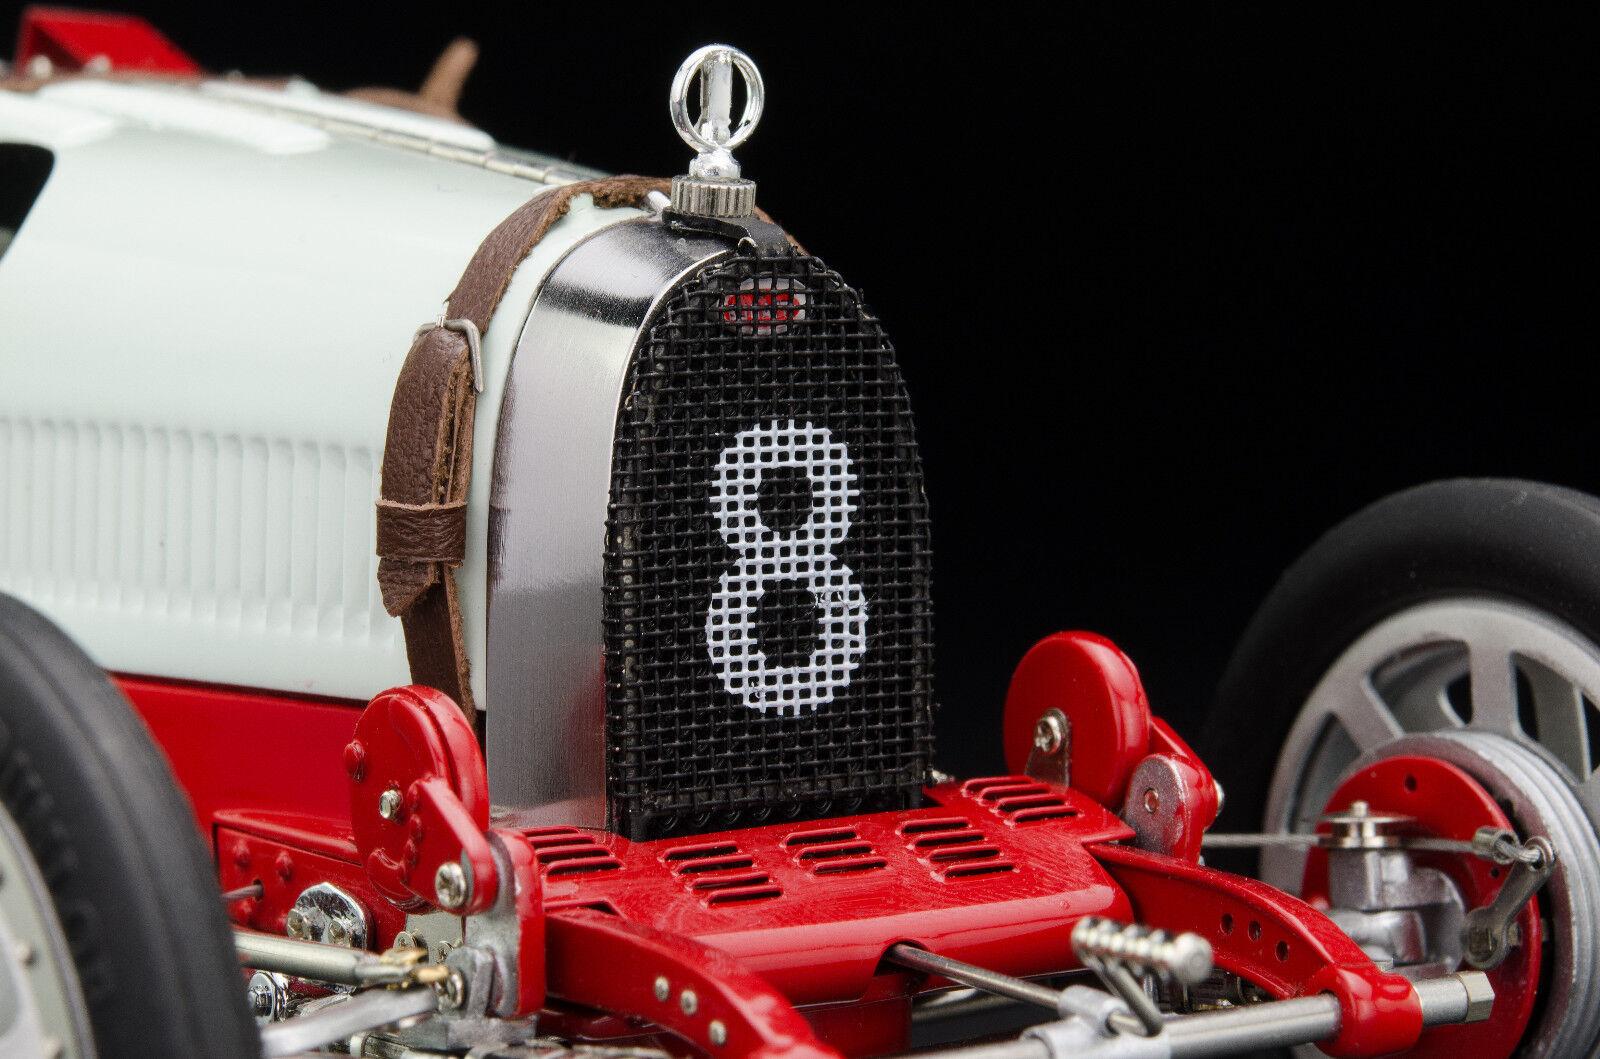 Bugatti t35 Nation Couleur Project-Suisse  8 le 300 St. CMC m-100 012 1 18